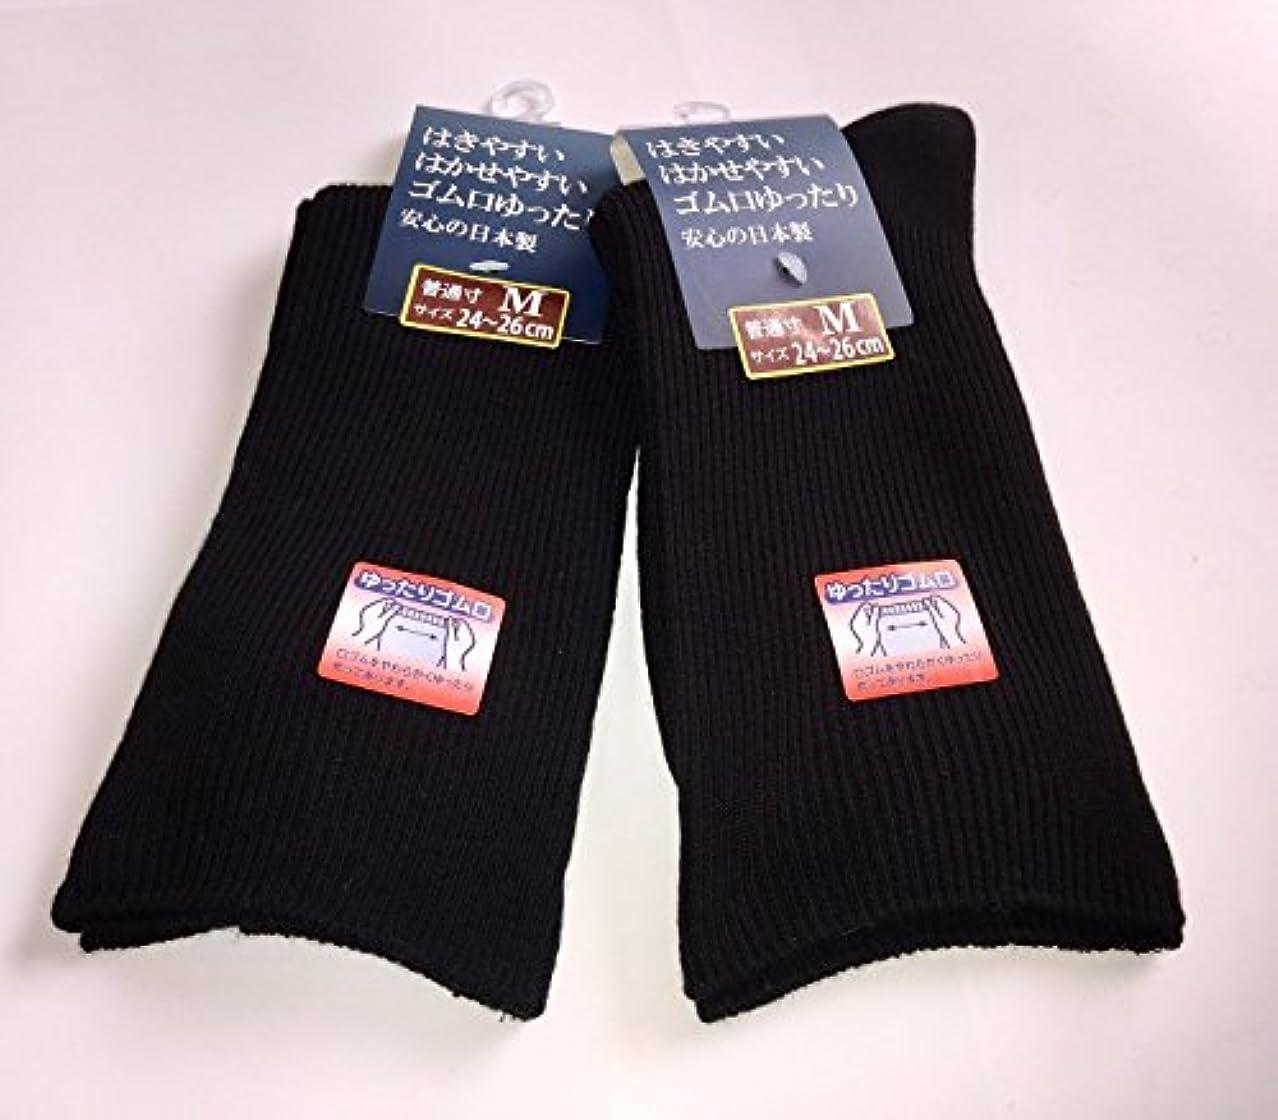 ただブラウス肥満日本製 靴下 メンズ 口ゴムなし ゆったり靴下 24-26cm 2足組 (ブラック)